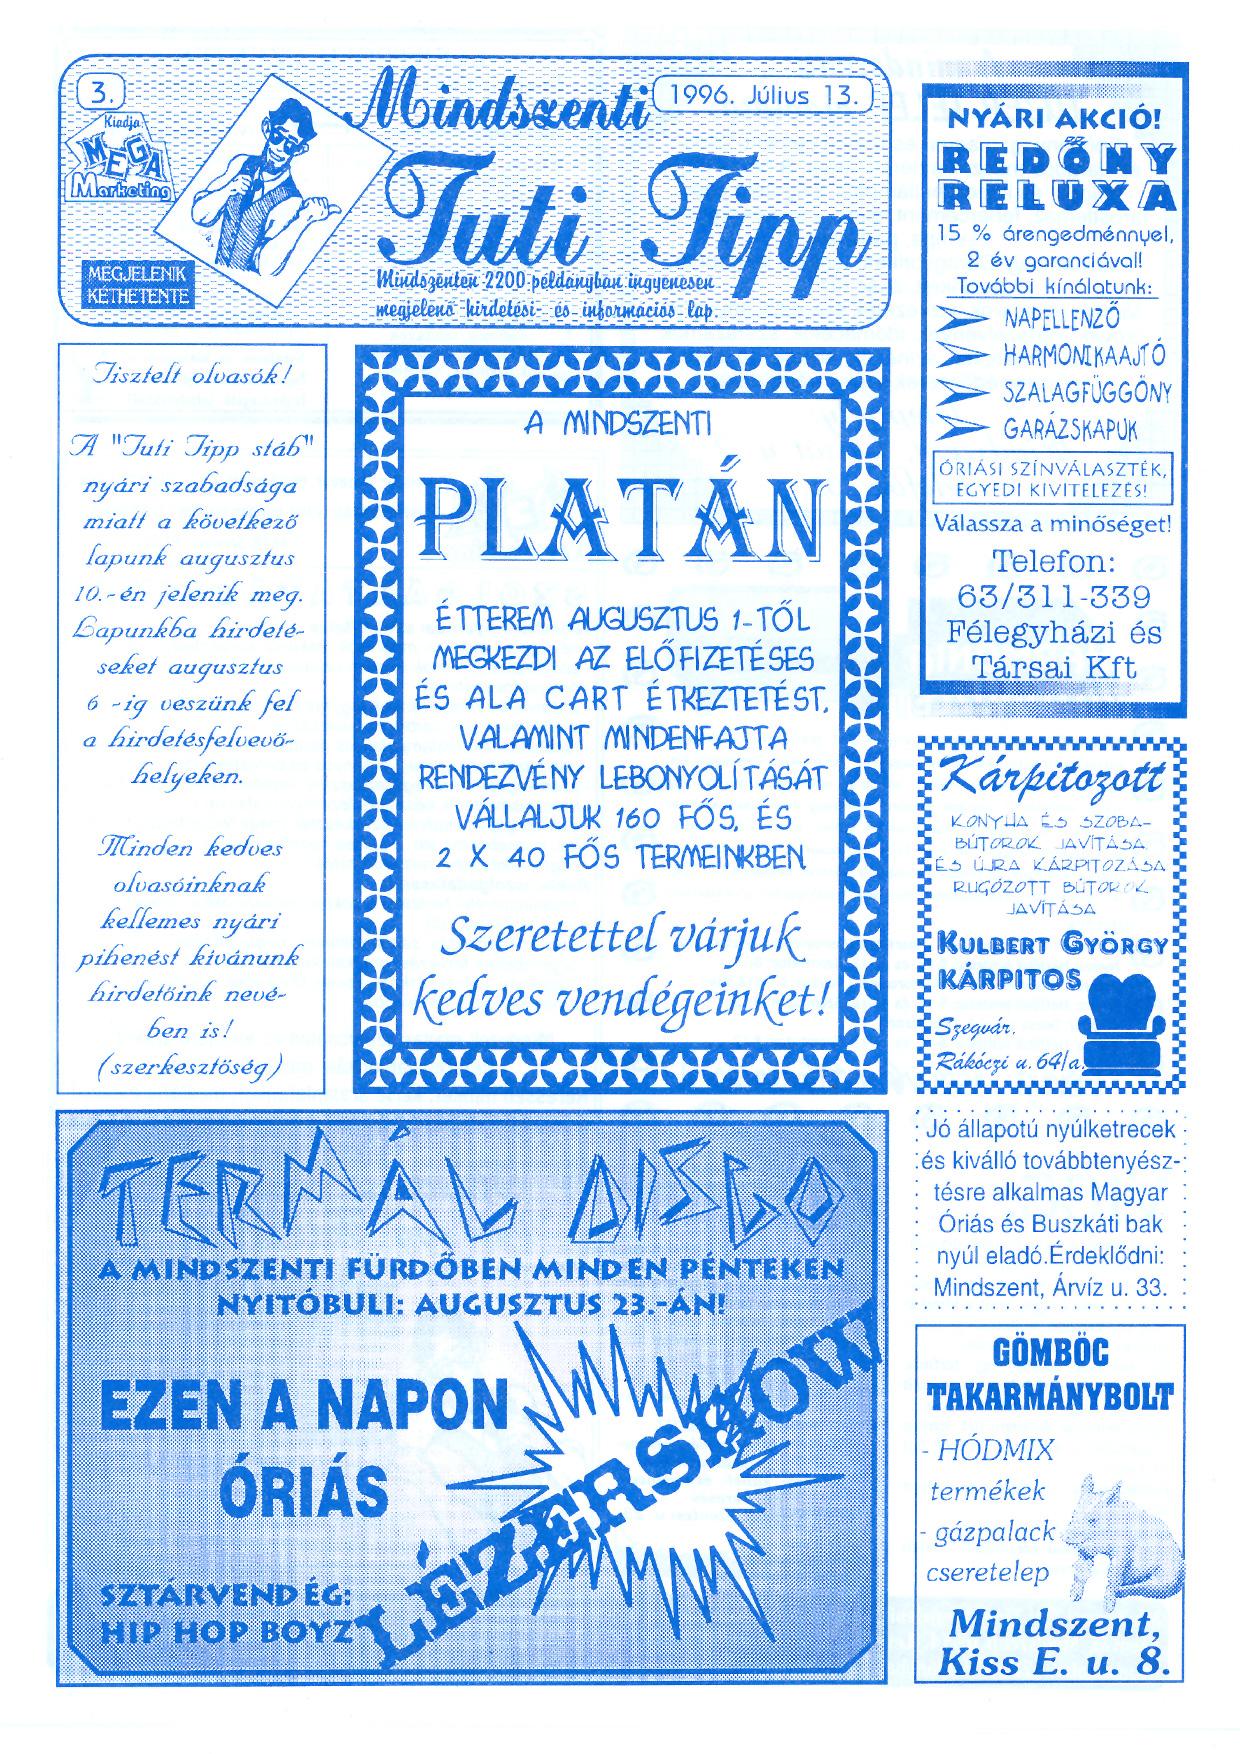 035 Mindszenti Tuti Tipp reklámújság - 19960713-003. lapszám - 1.oldal - II. évfolyam.jpg